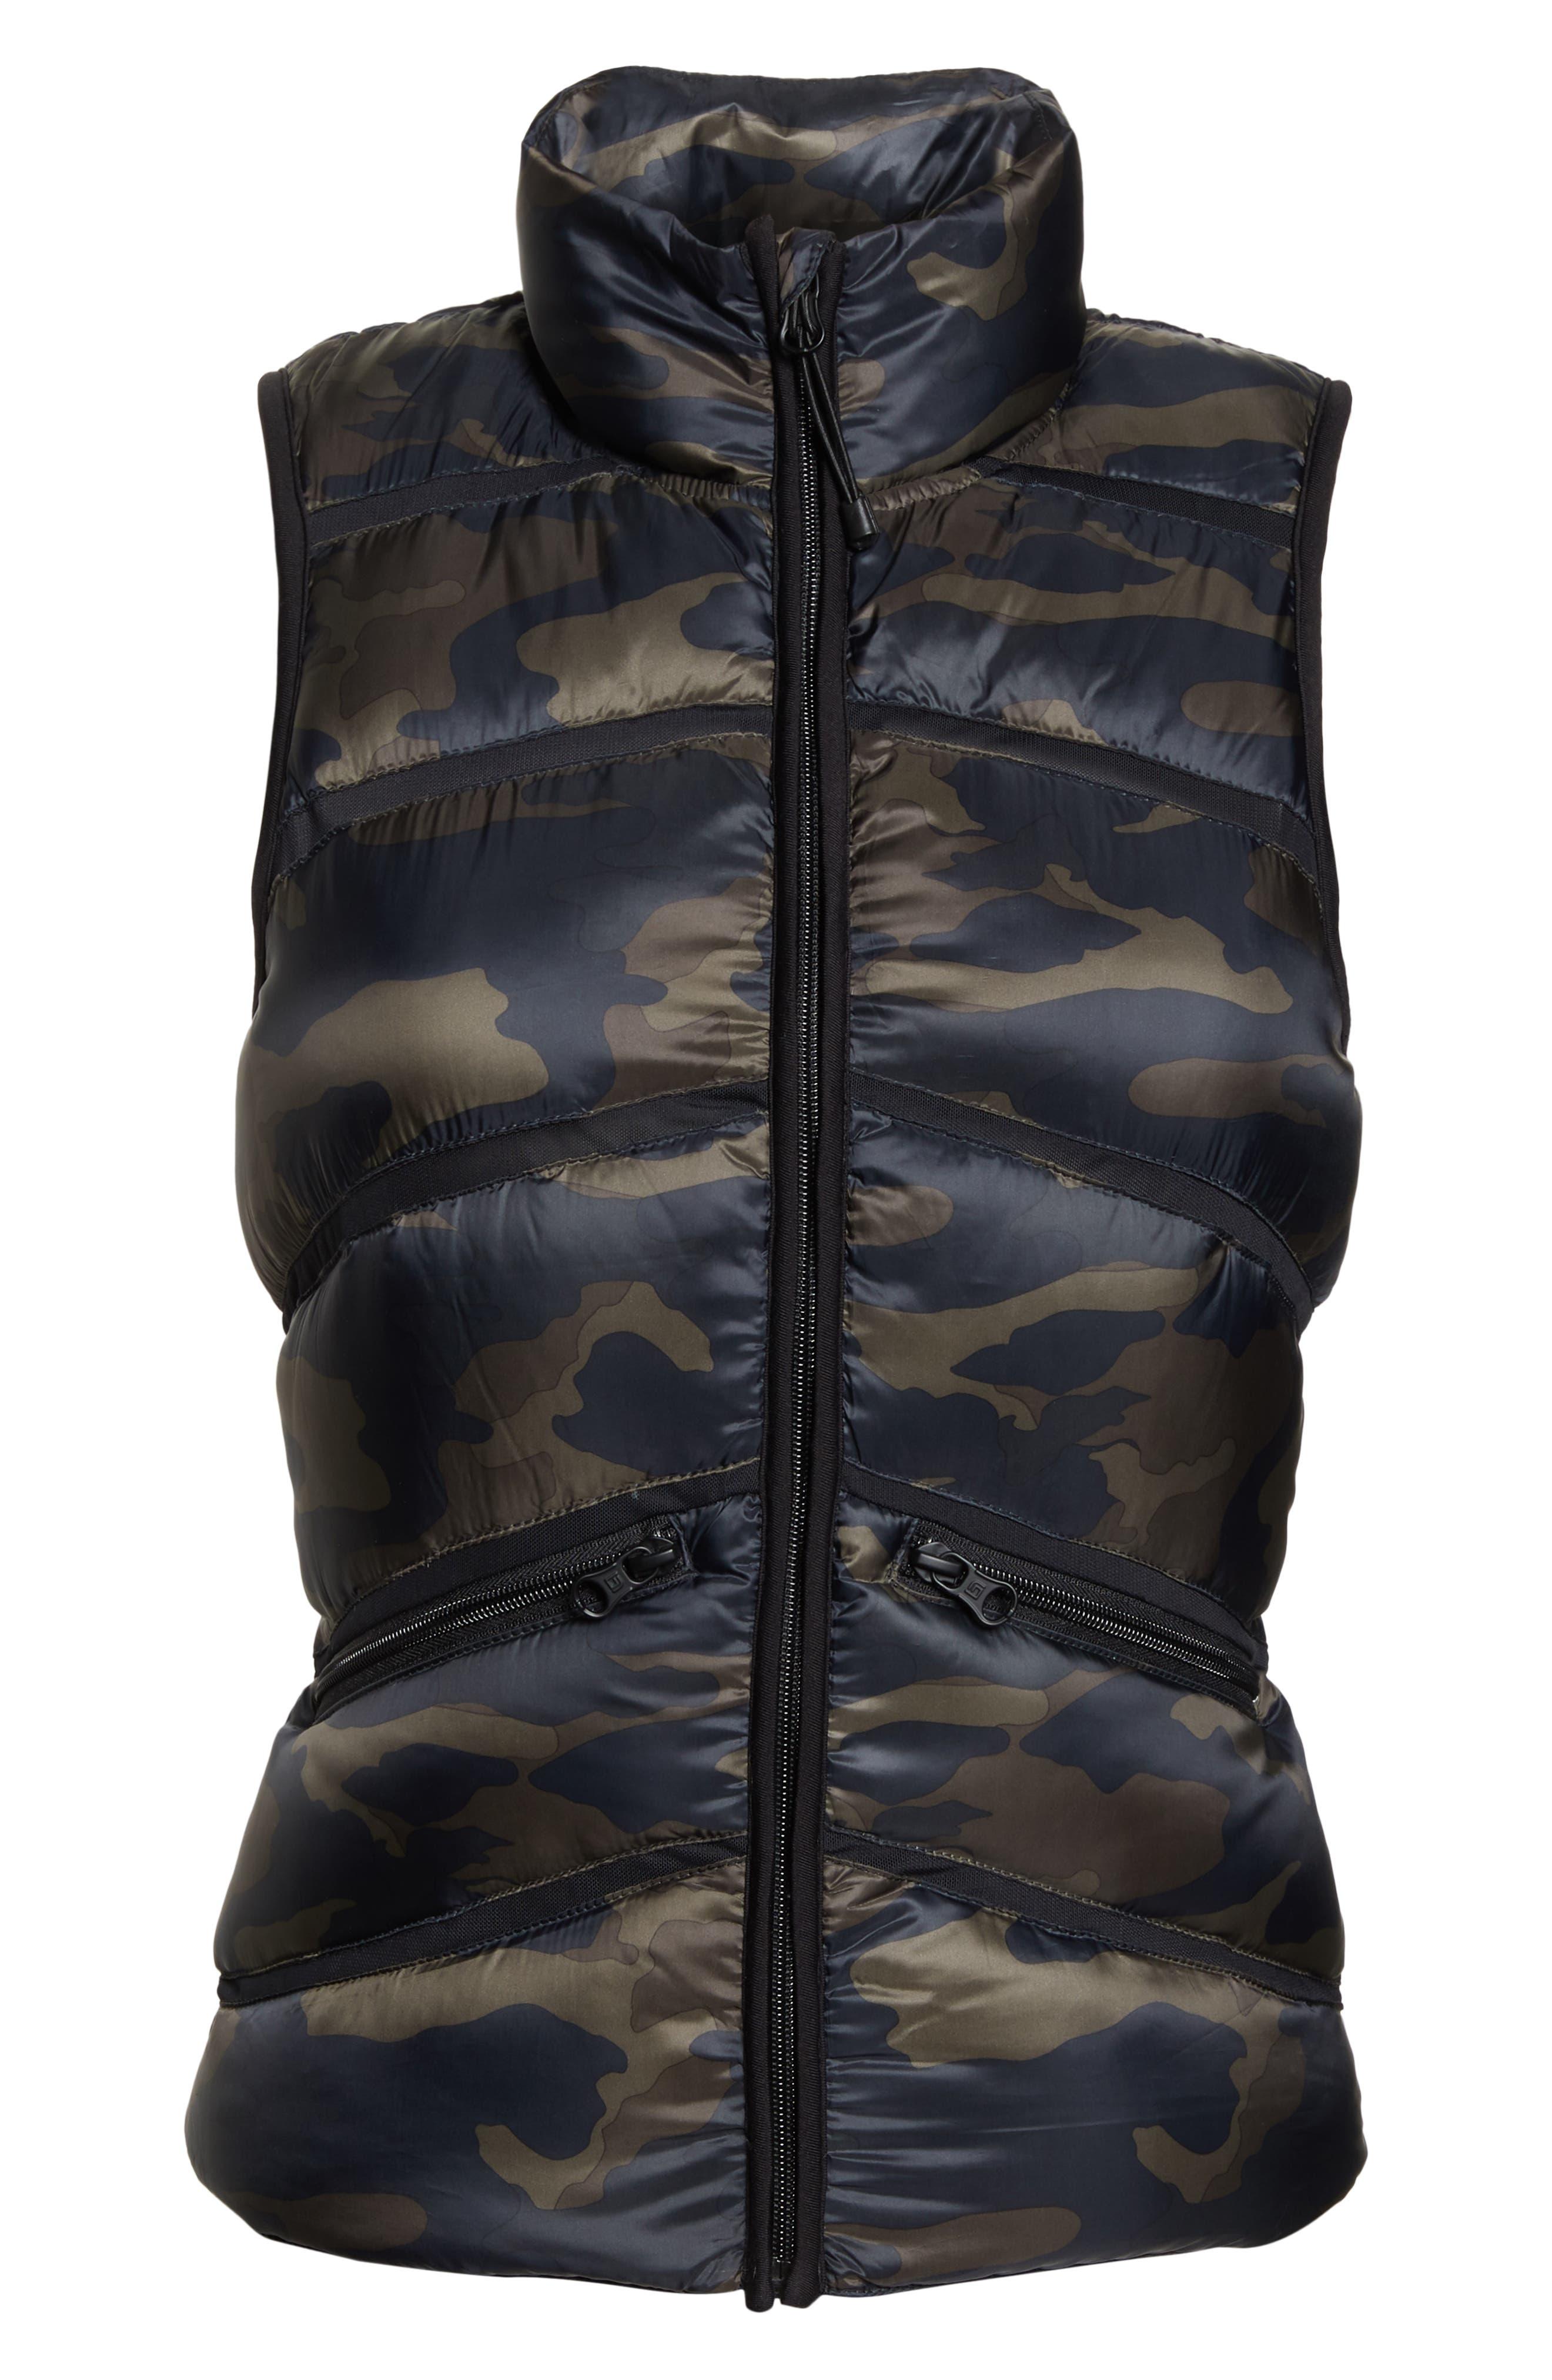 BLANC NOIR, Mesh Inset Down Vest, Main thumbnail 1, color, CAMO/ BLACK